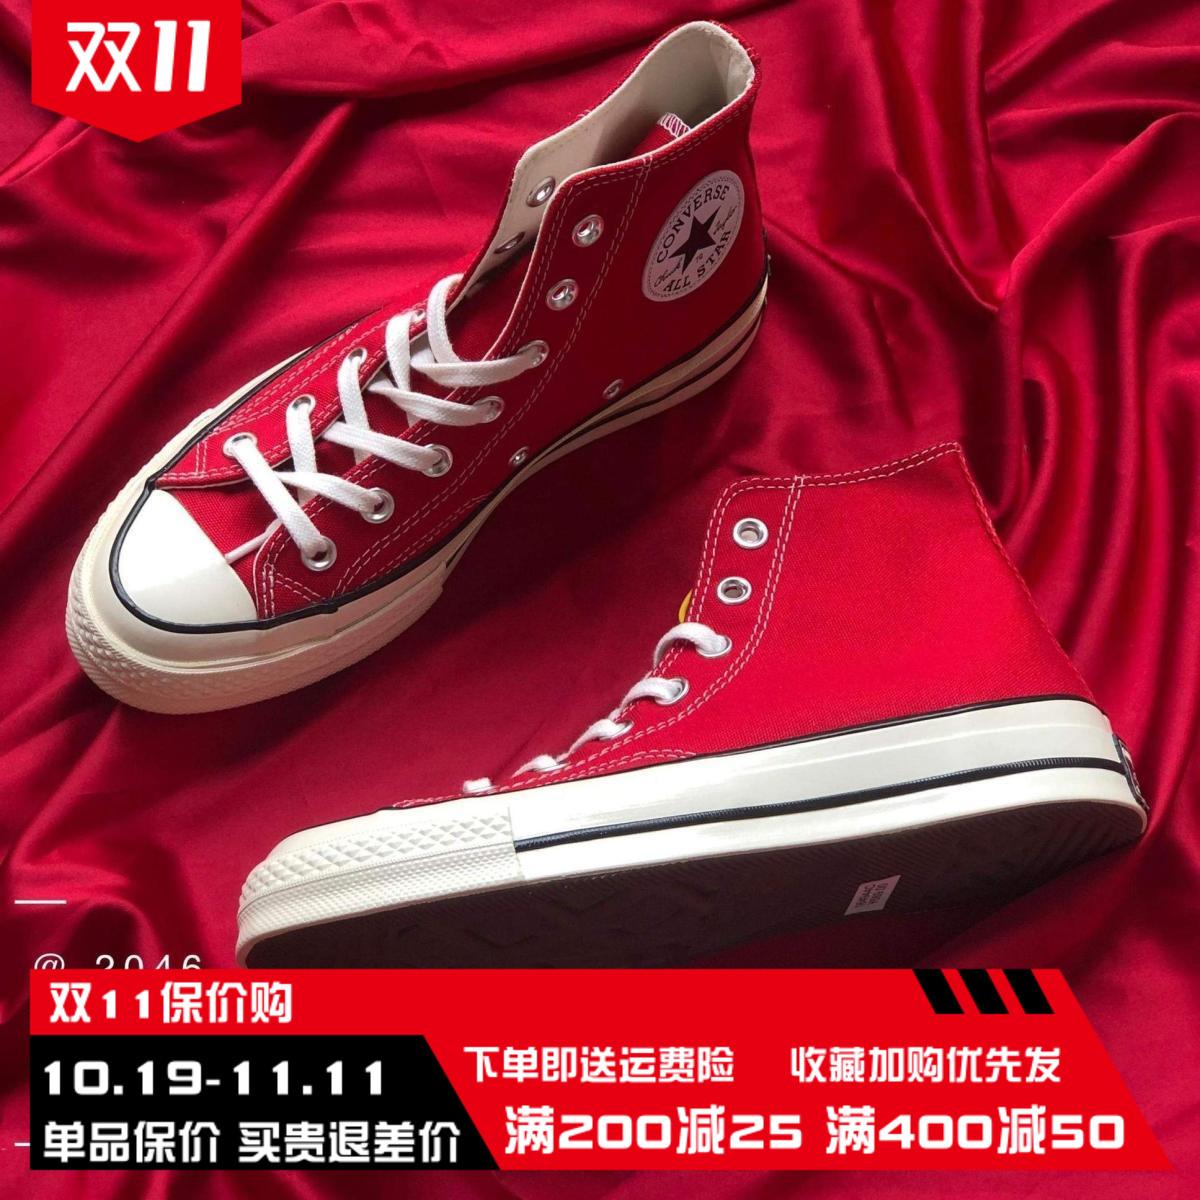 红色帆布鞋 Converse匡威1970s大红色高低帮圣诞红男女帆布鞋164944C 164949C_推荐淘宝好看的红色帆布鞋